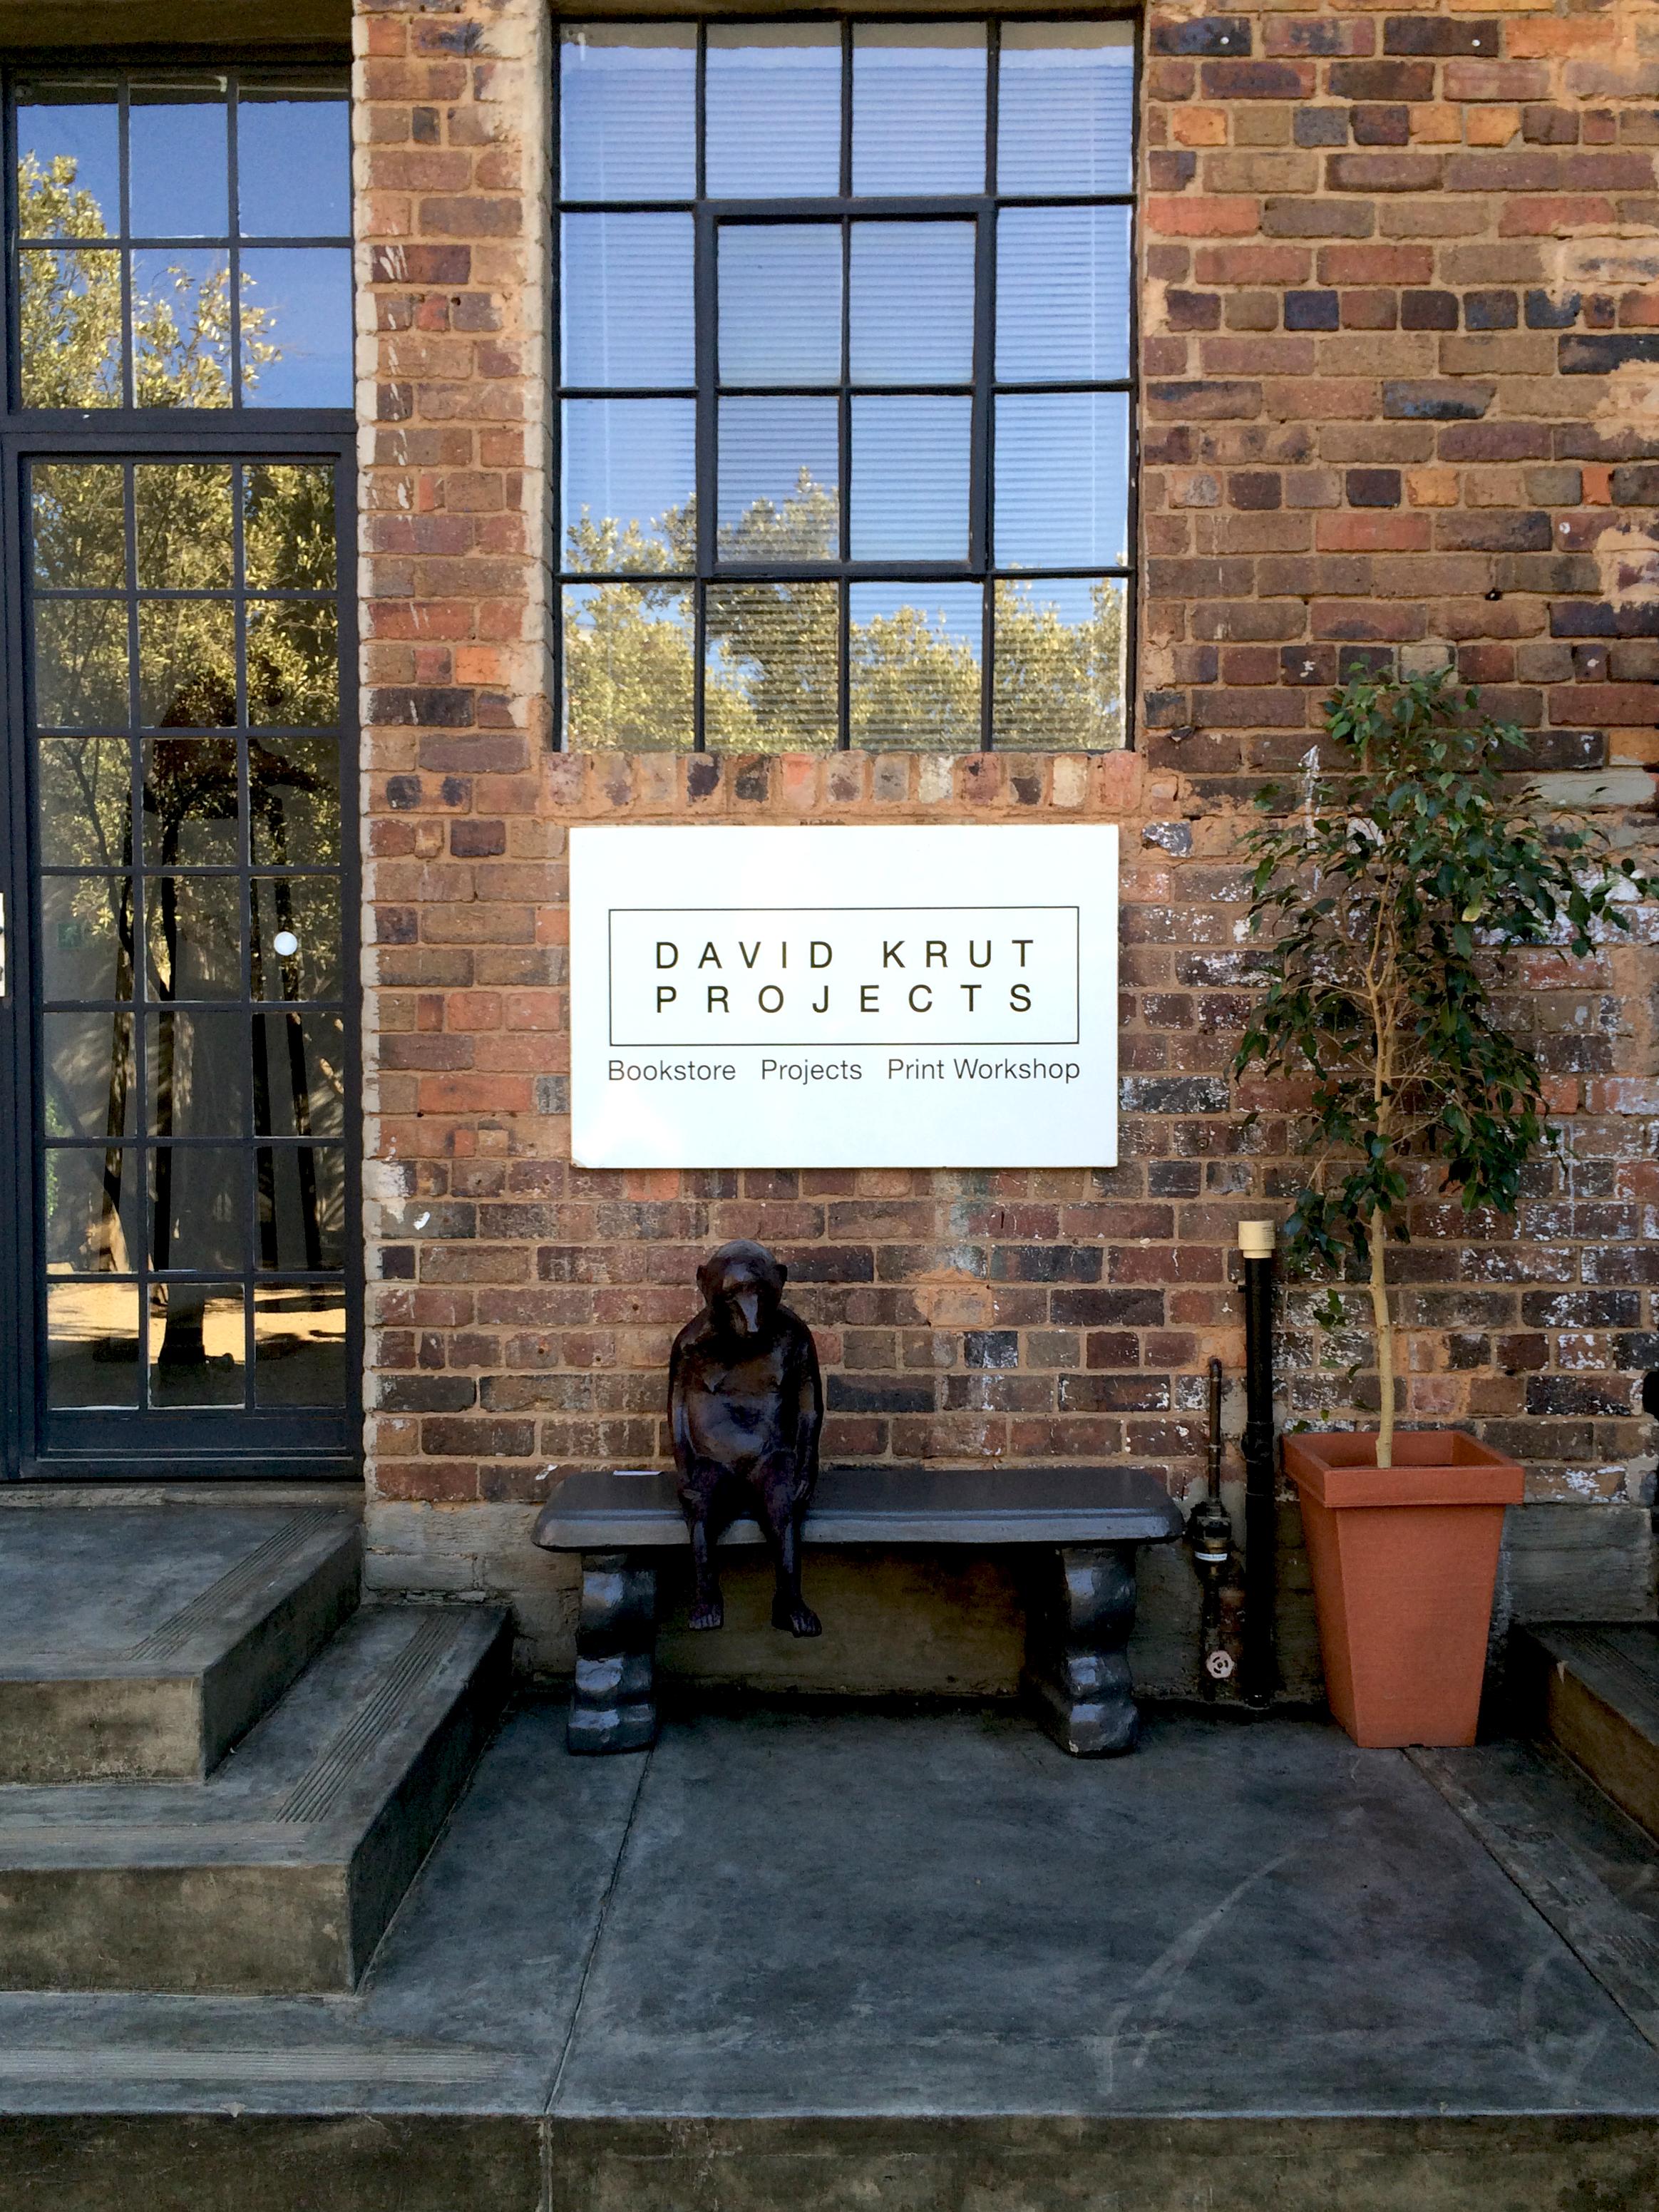 DavidKrutProjectsStudio_Maboneng-2015.06.08